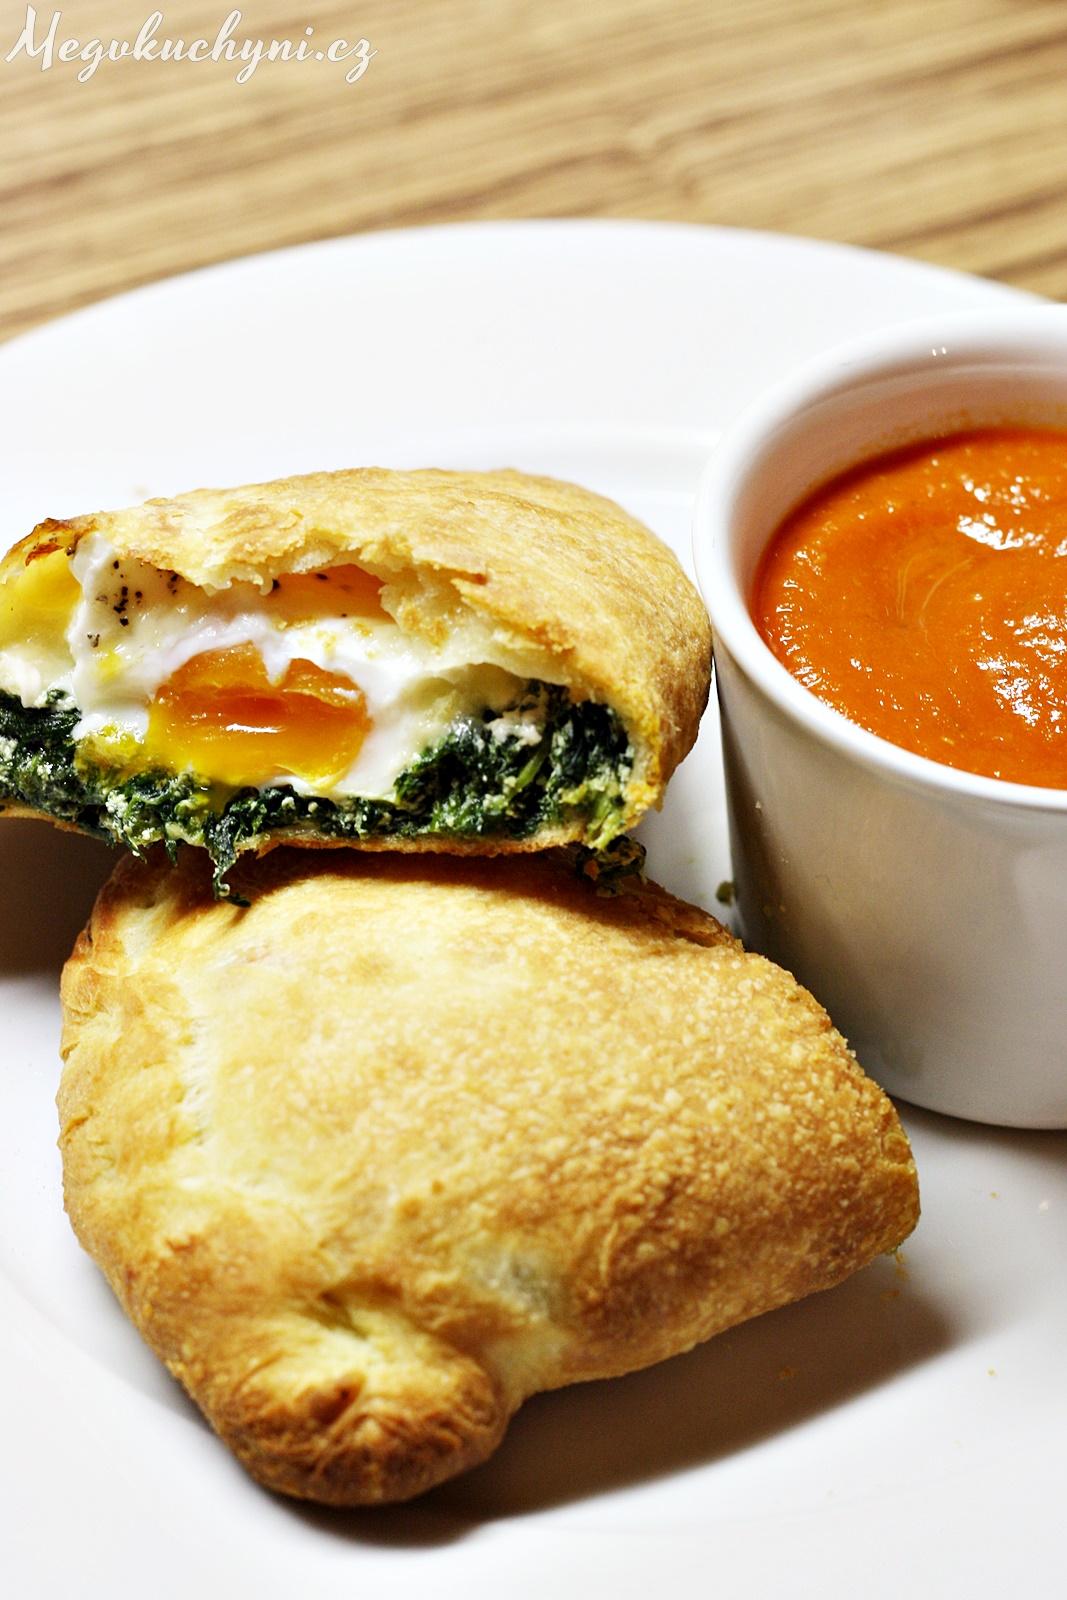 Špenátovo-sýrové calzone s vejcem a rajčatovou omáčkou